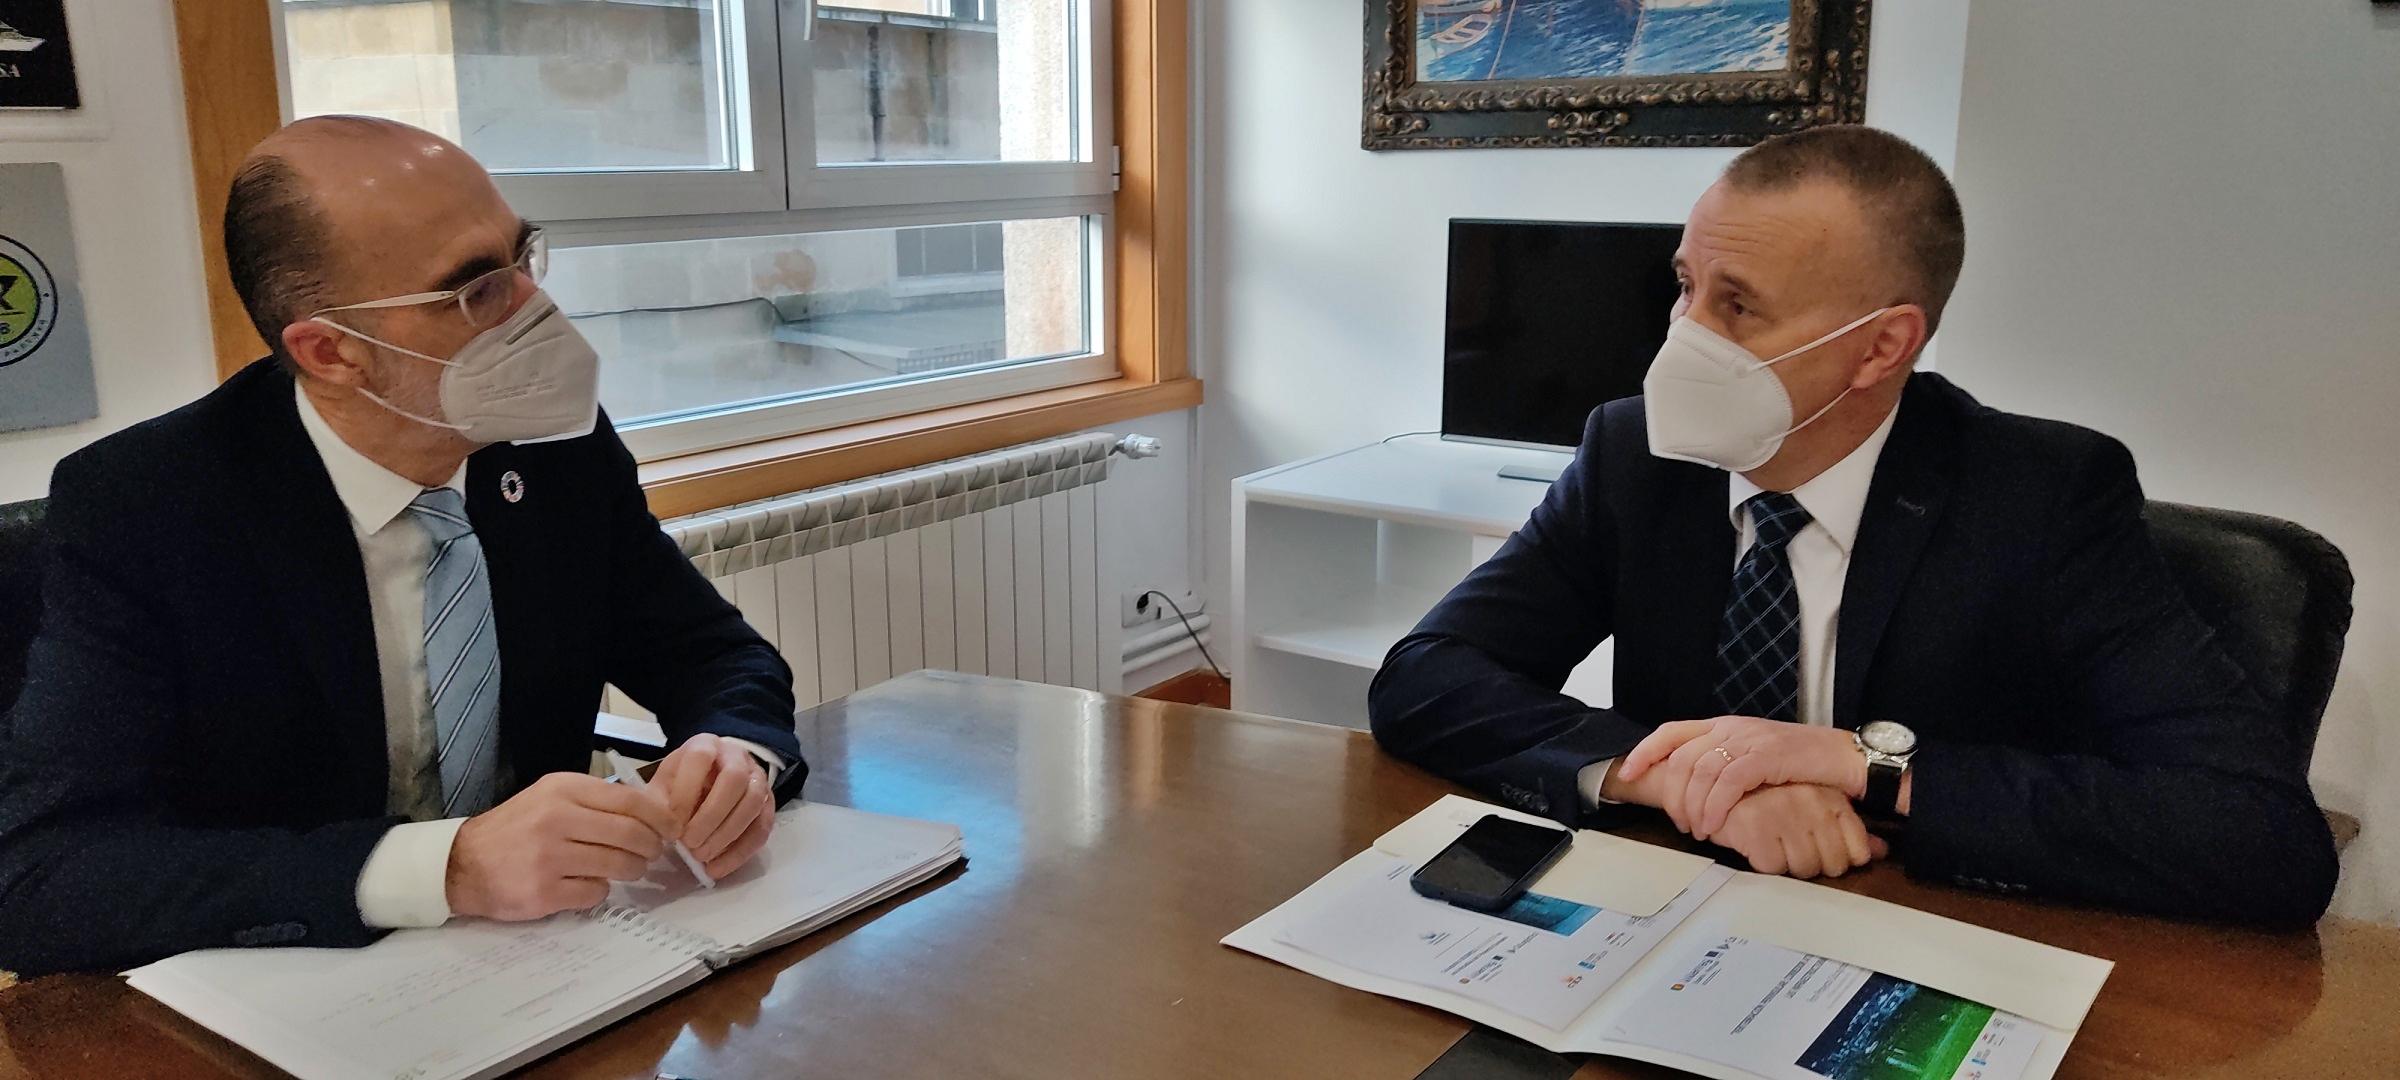 LA CEP Y LA AUTORIDAD PORTUARIA DE VIGO SE ALÍAN PARA IMPULSAR LA LOGÍSTICA DE LA EURORREGIÓN GALICIA-NORTE DE PORTUGAL